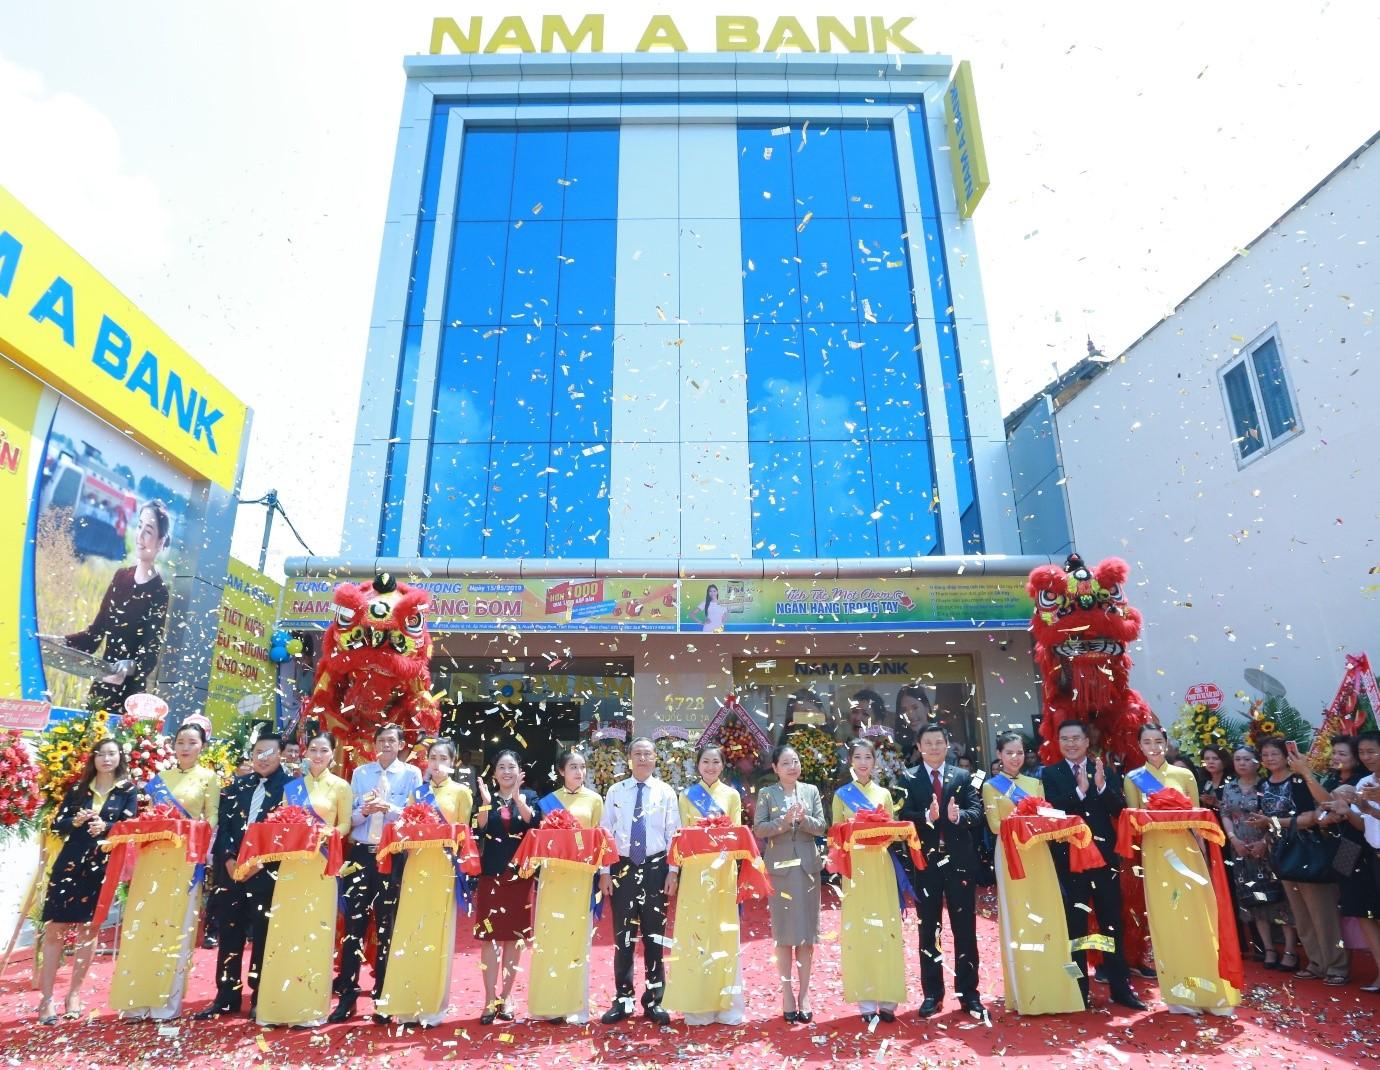 Tưng bừng khai trương Nam A Bank Trảng Bom tại số 2728, Quốc lộ 1A, Ấp Thái Hòa, Xã Hố Nai 3, Huyện Trảng Bom, Tỉnh Đồng Nai.